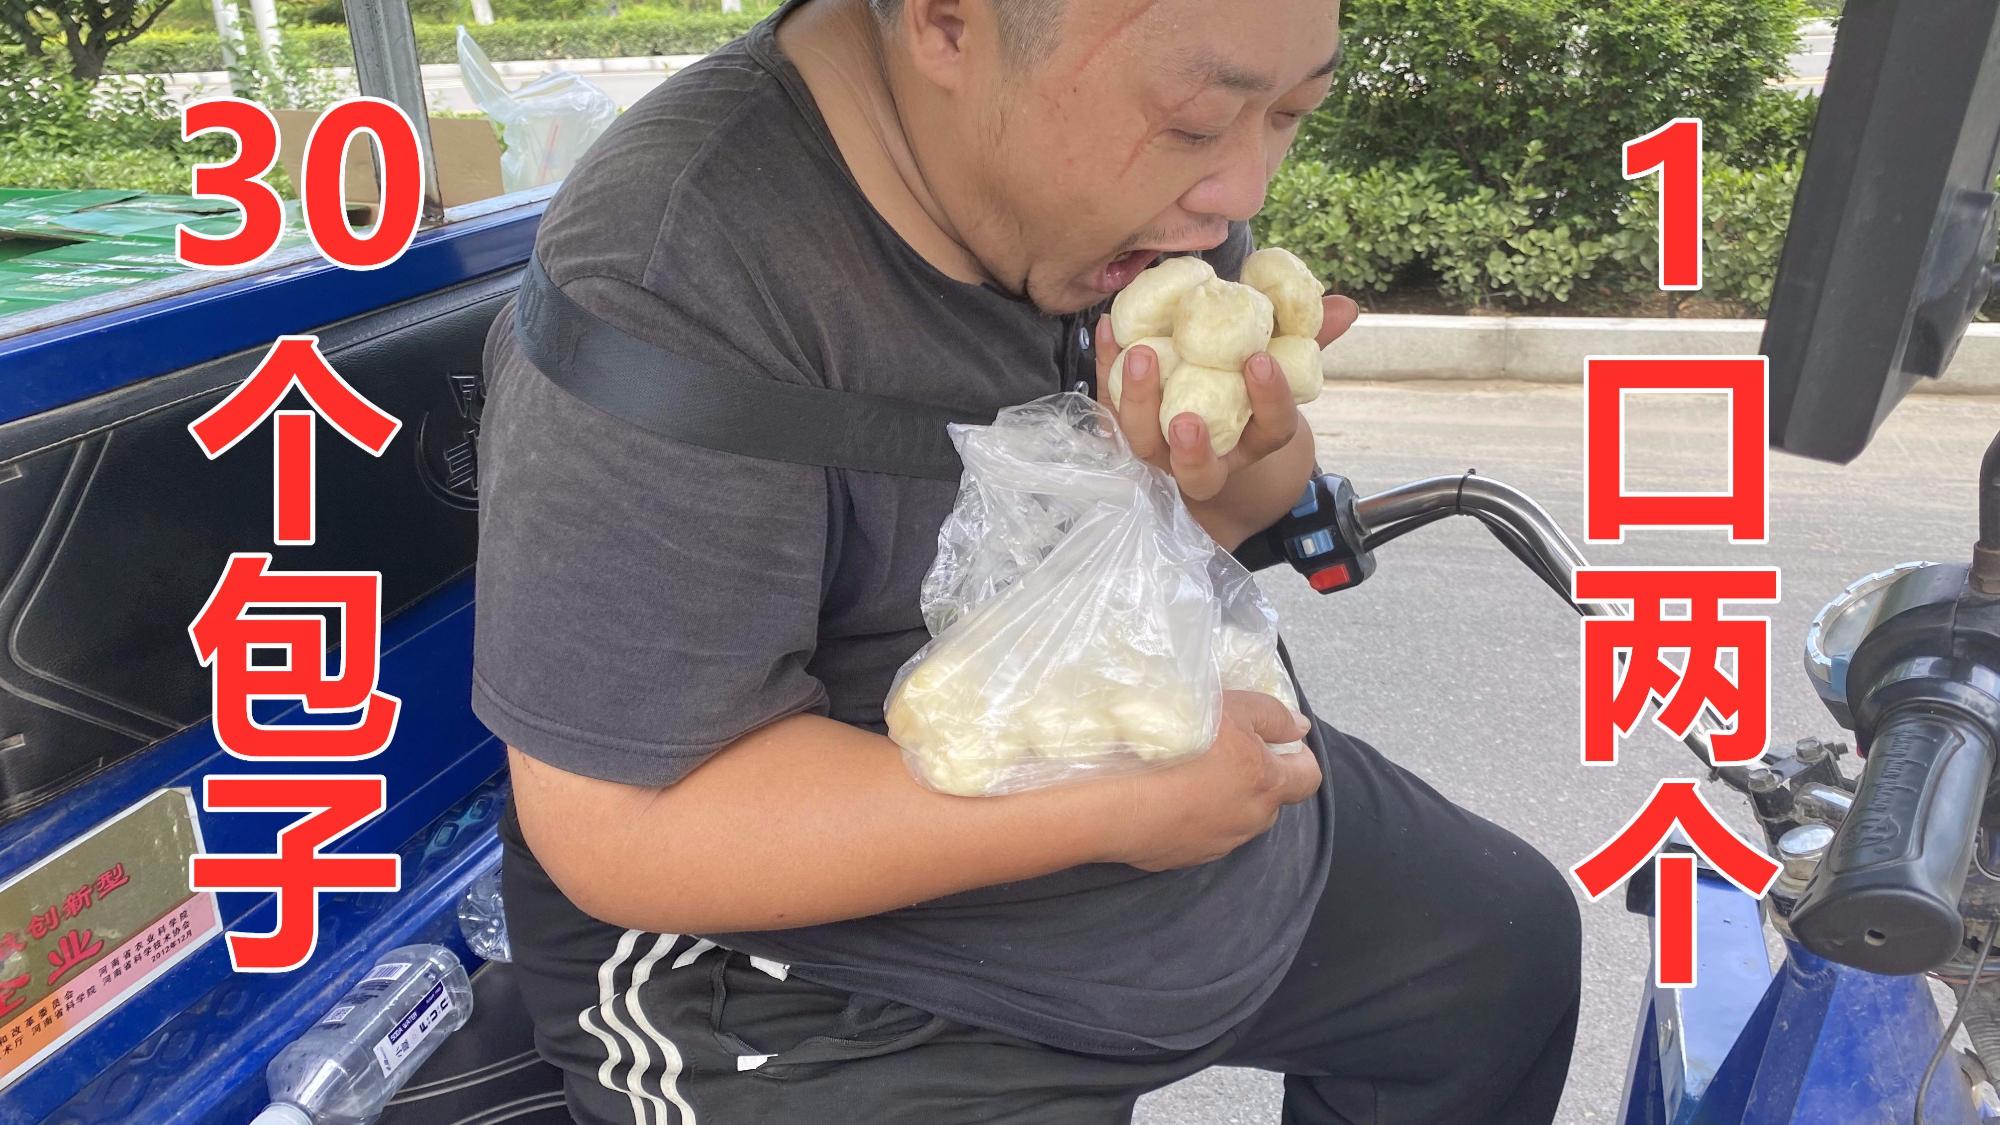 胖龙送货路上买30个包子,一杯粥,一口吃两个,路边吃饭也很香